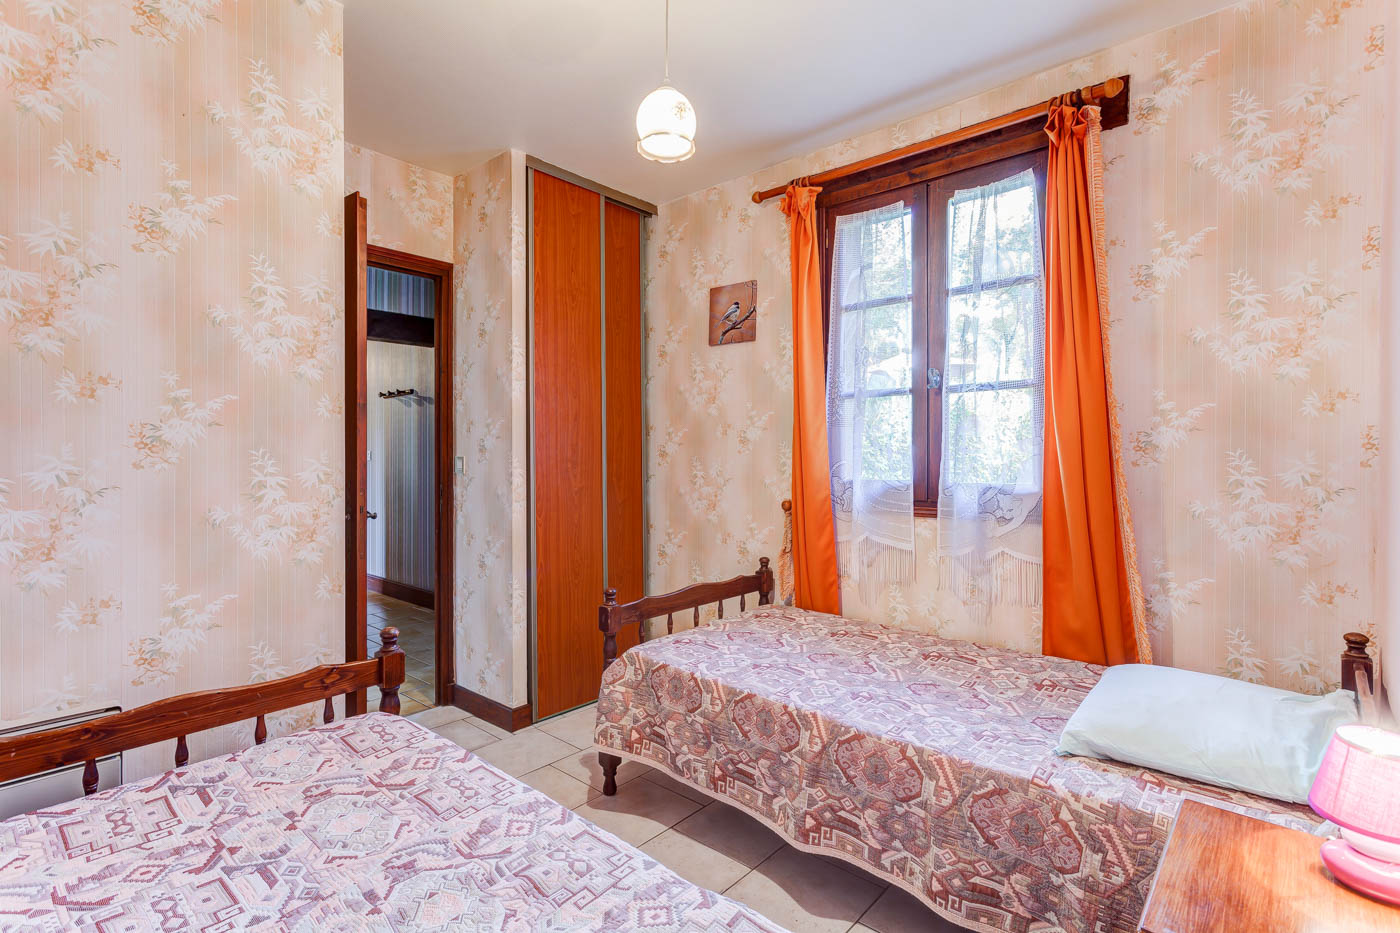 Maison-de-Vacances-Le-Cataplas-19